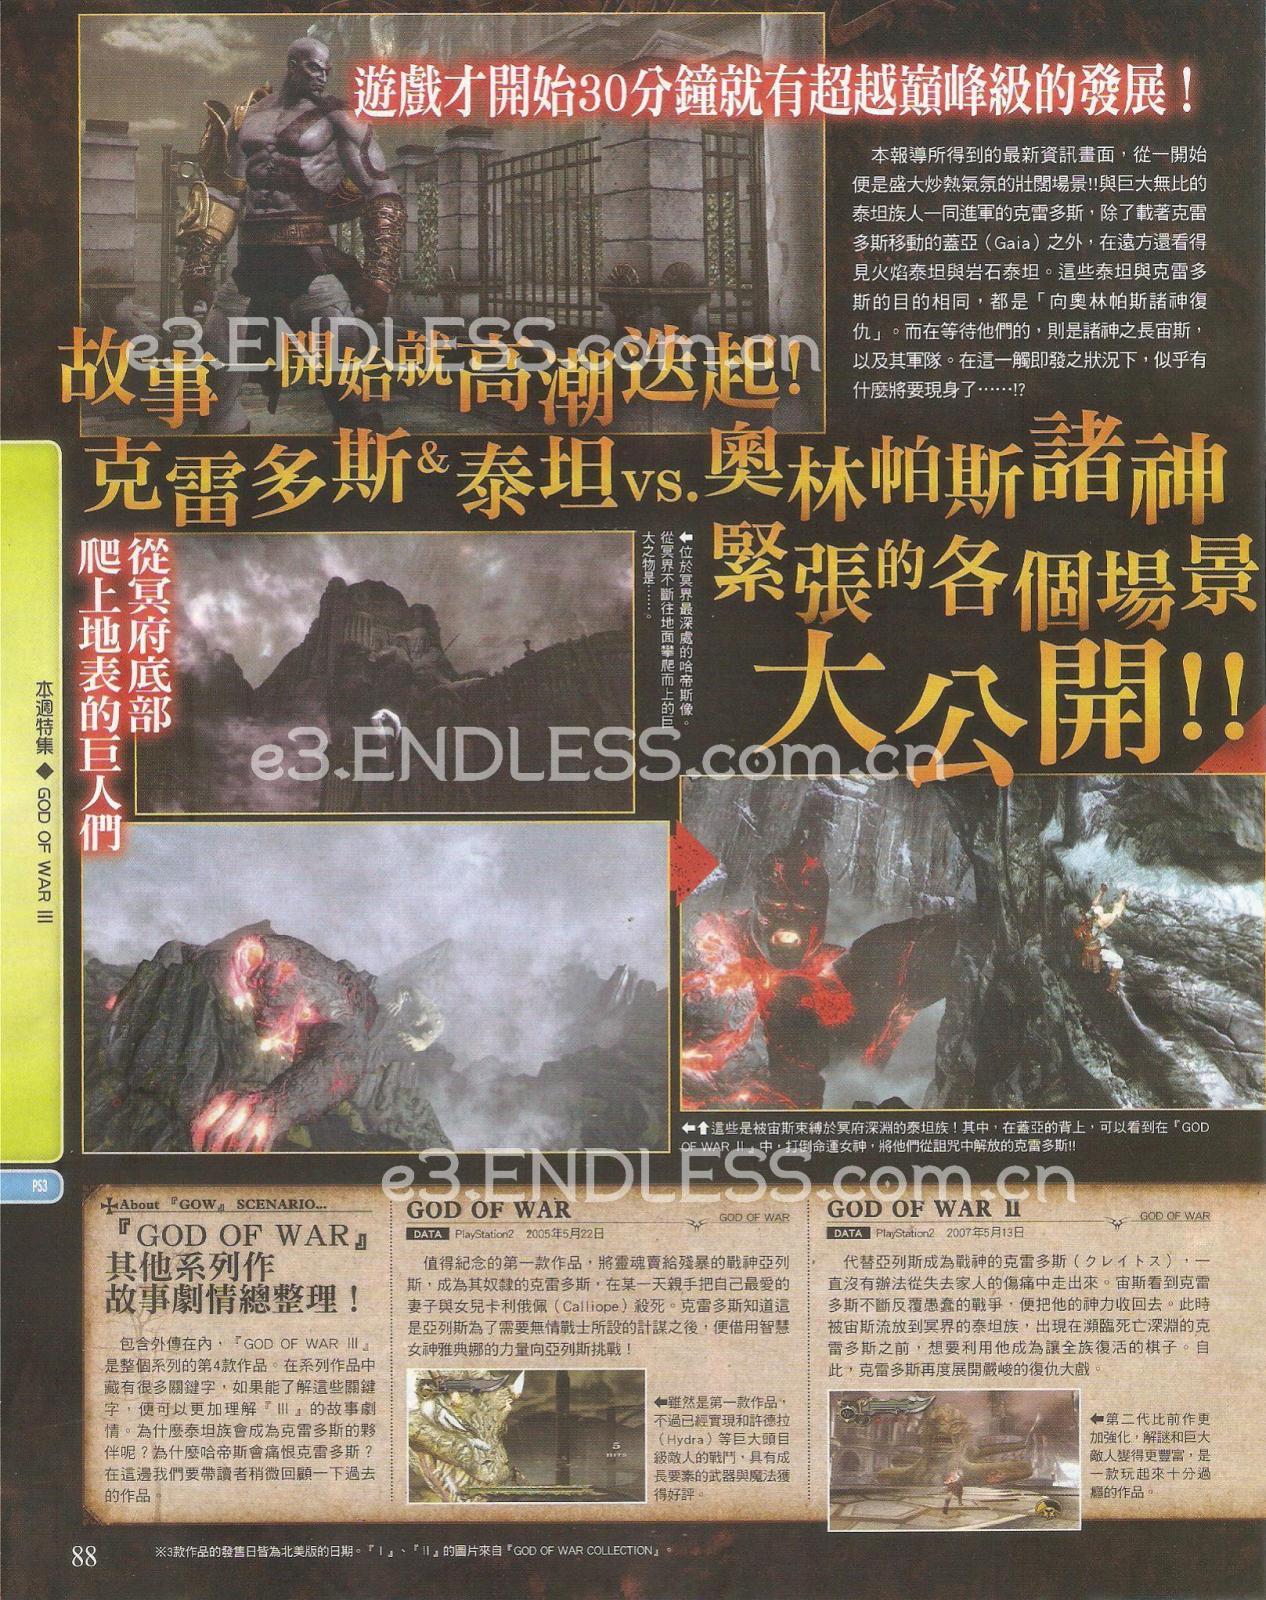 god_of_war_scan_2